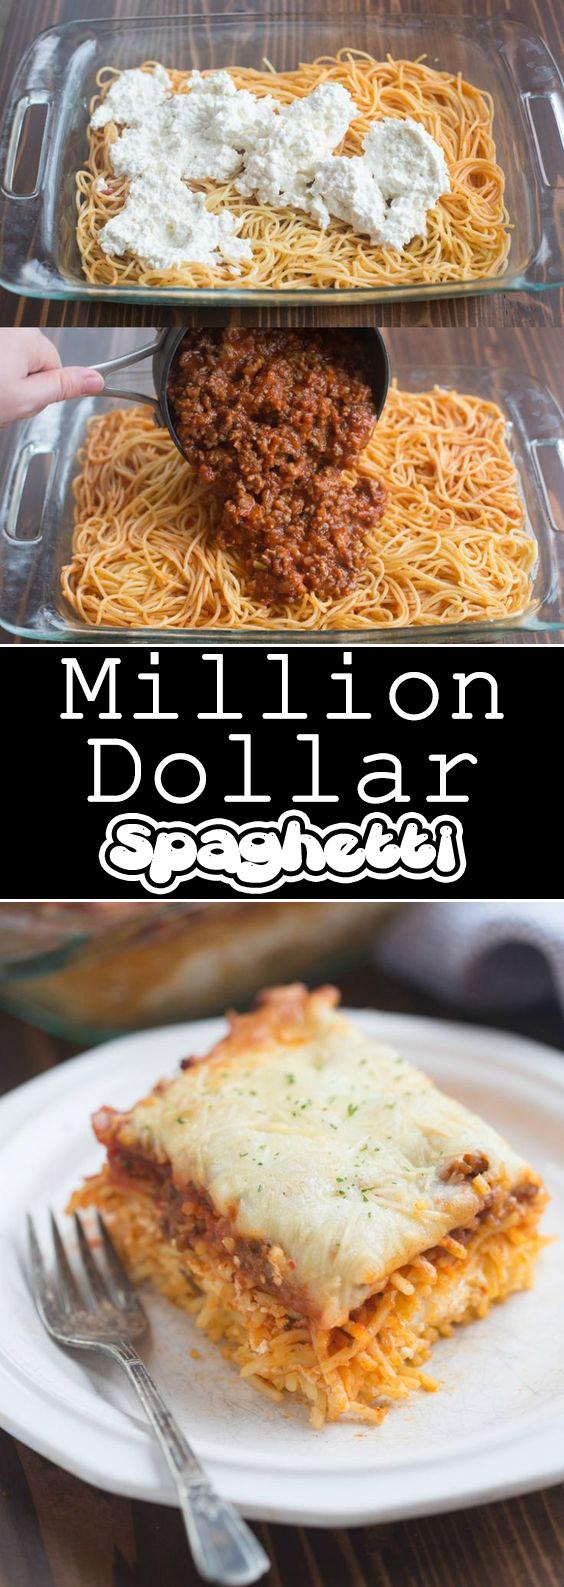 Million Dollar Spaghetti Recipe - Cook All Recipe